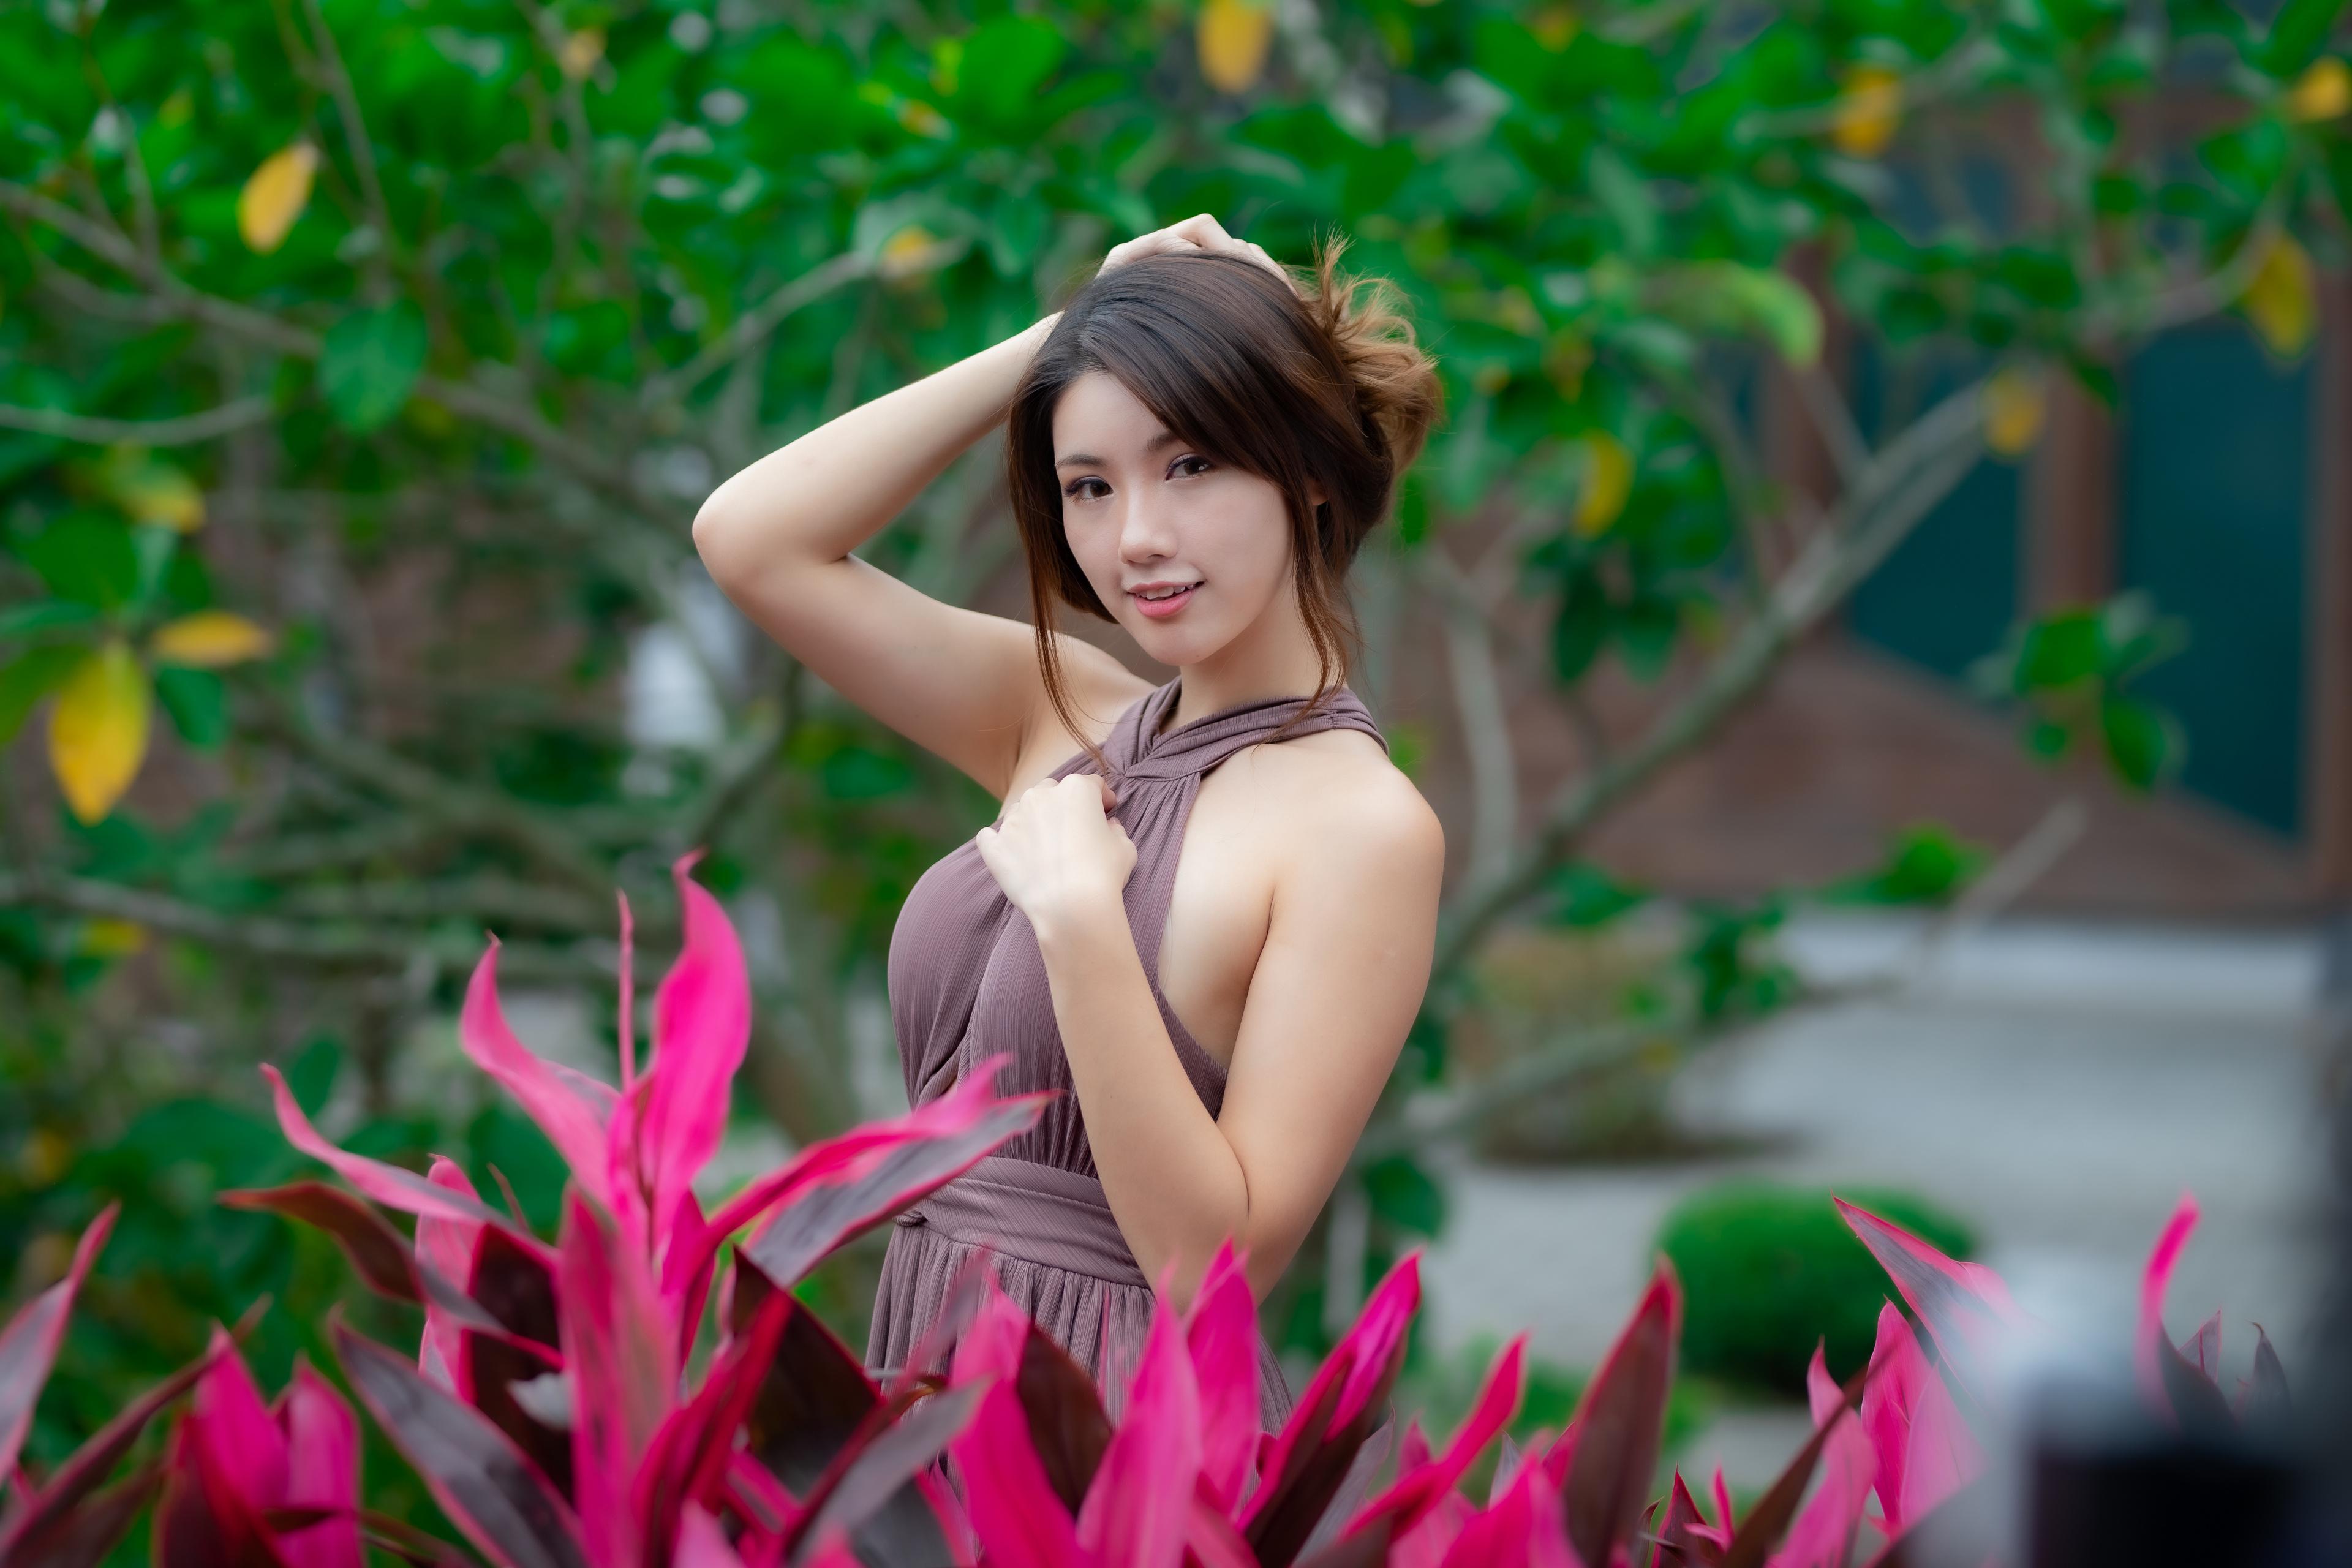 Asian Model Women Long Hair Brunette Flowers Trees Leaves Branch Brown Dress Depth Of Field Women Ou 3840x2560